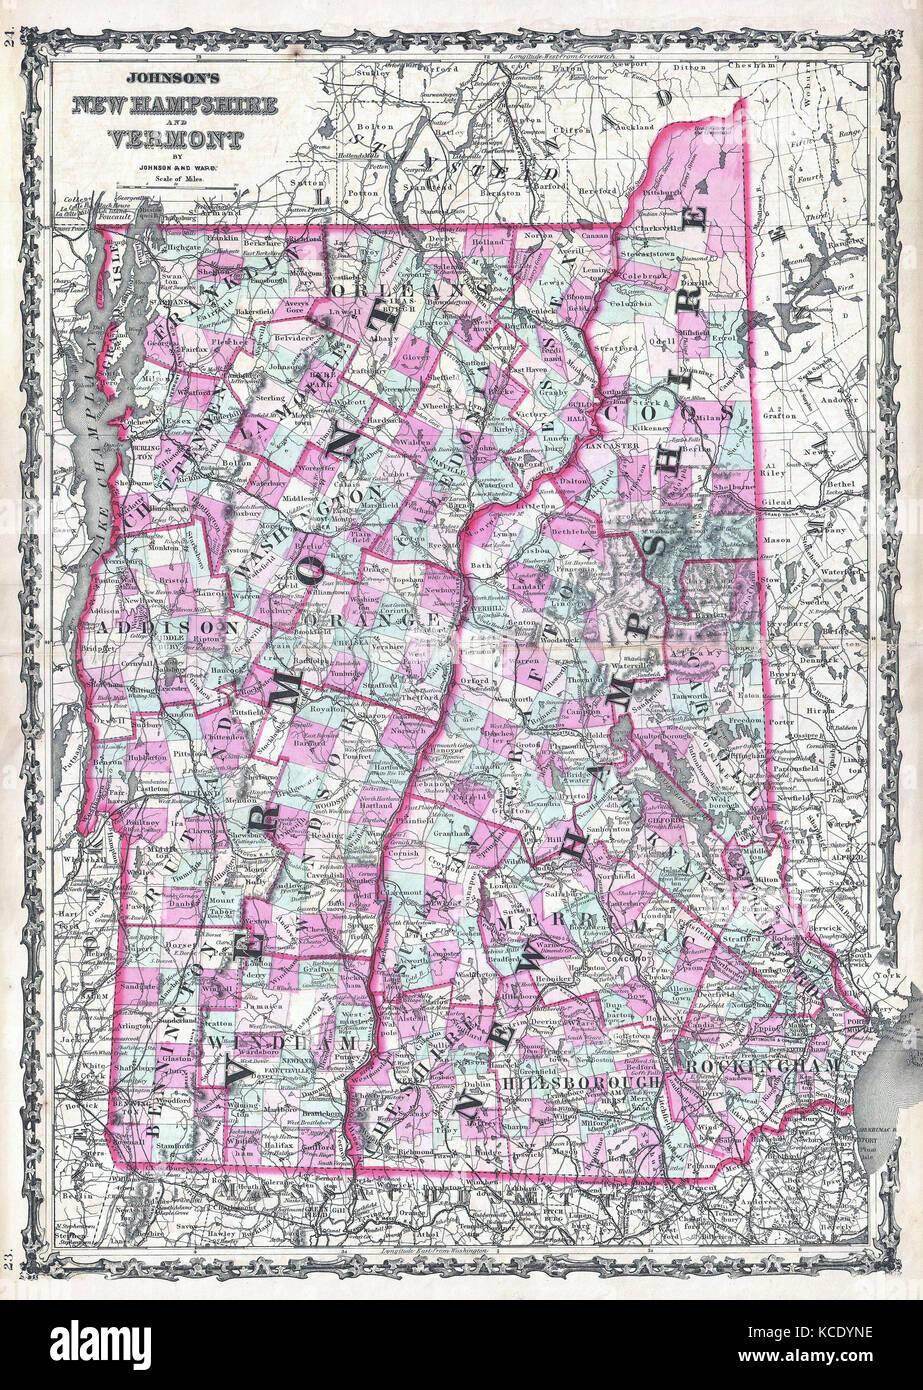 Vermont New Hampshire Map Stock Photos Vermont New Hampshire Map - Map of vermont and new hampshire